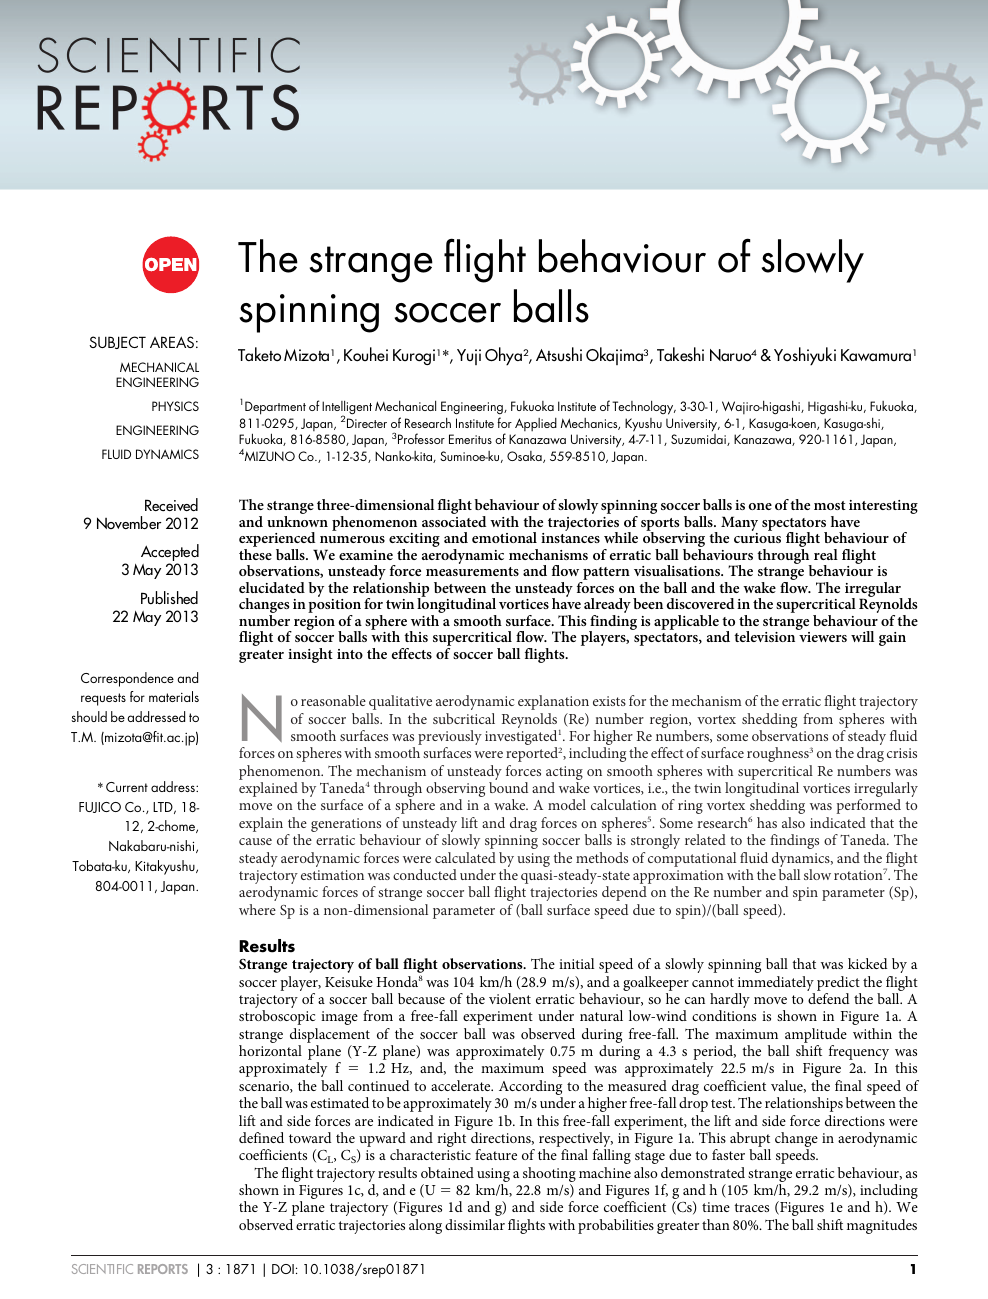 The strange flight behaviour of slowly spinning soccer balls